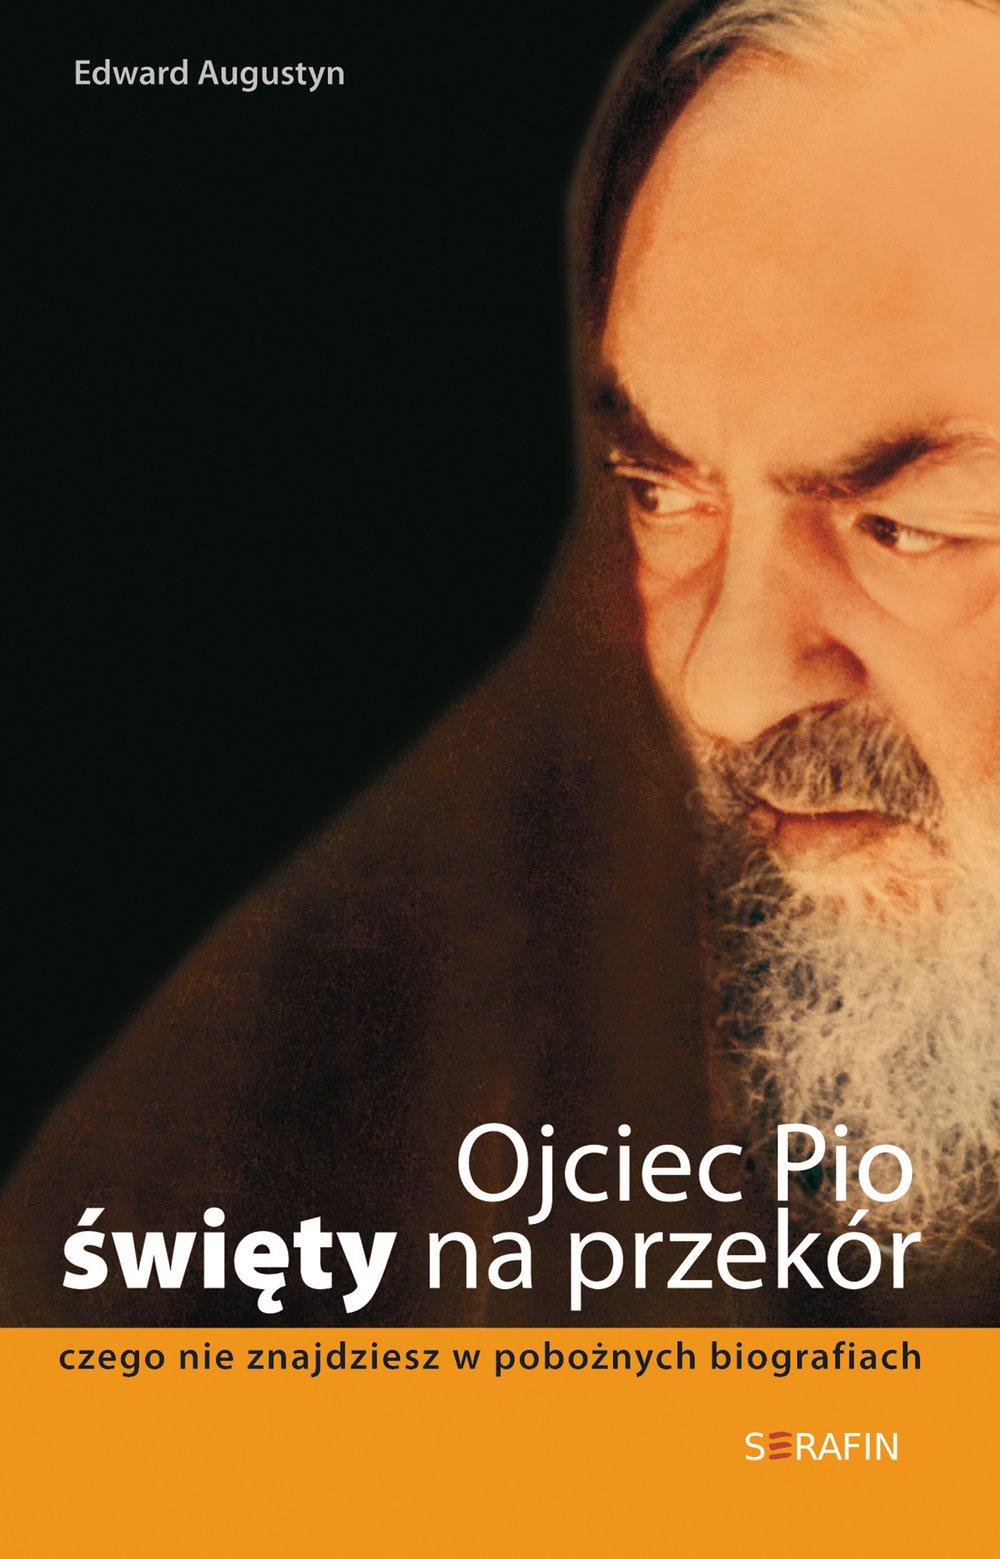 Ojciec Pio - święty na przekór.  Czego nie znajdziesz w pobożnych biografiach - Ebook (Książka EPUB) do pobrania w formacie EPUB